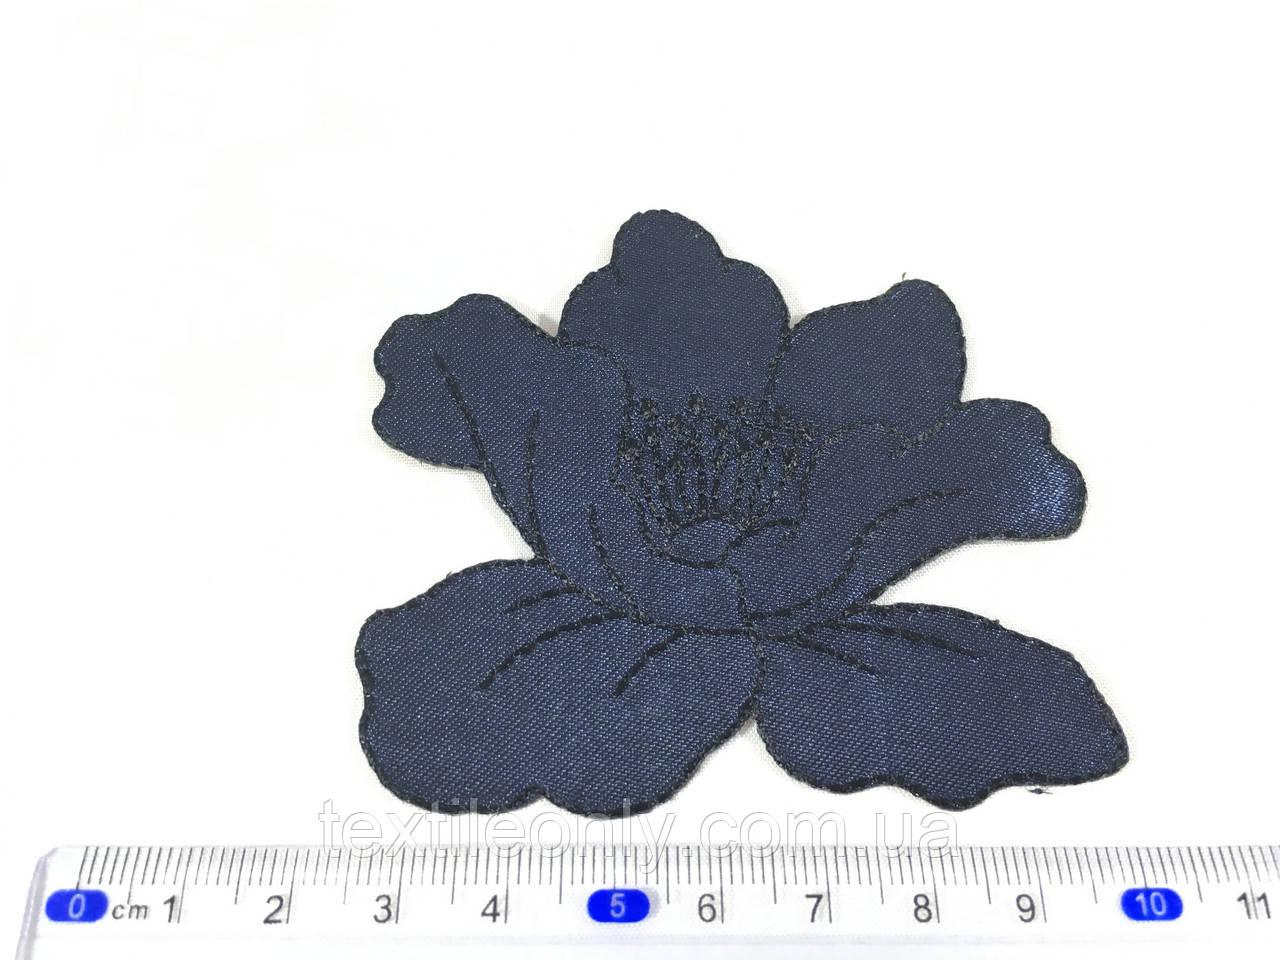 Нашивка мак колір темно синій